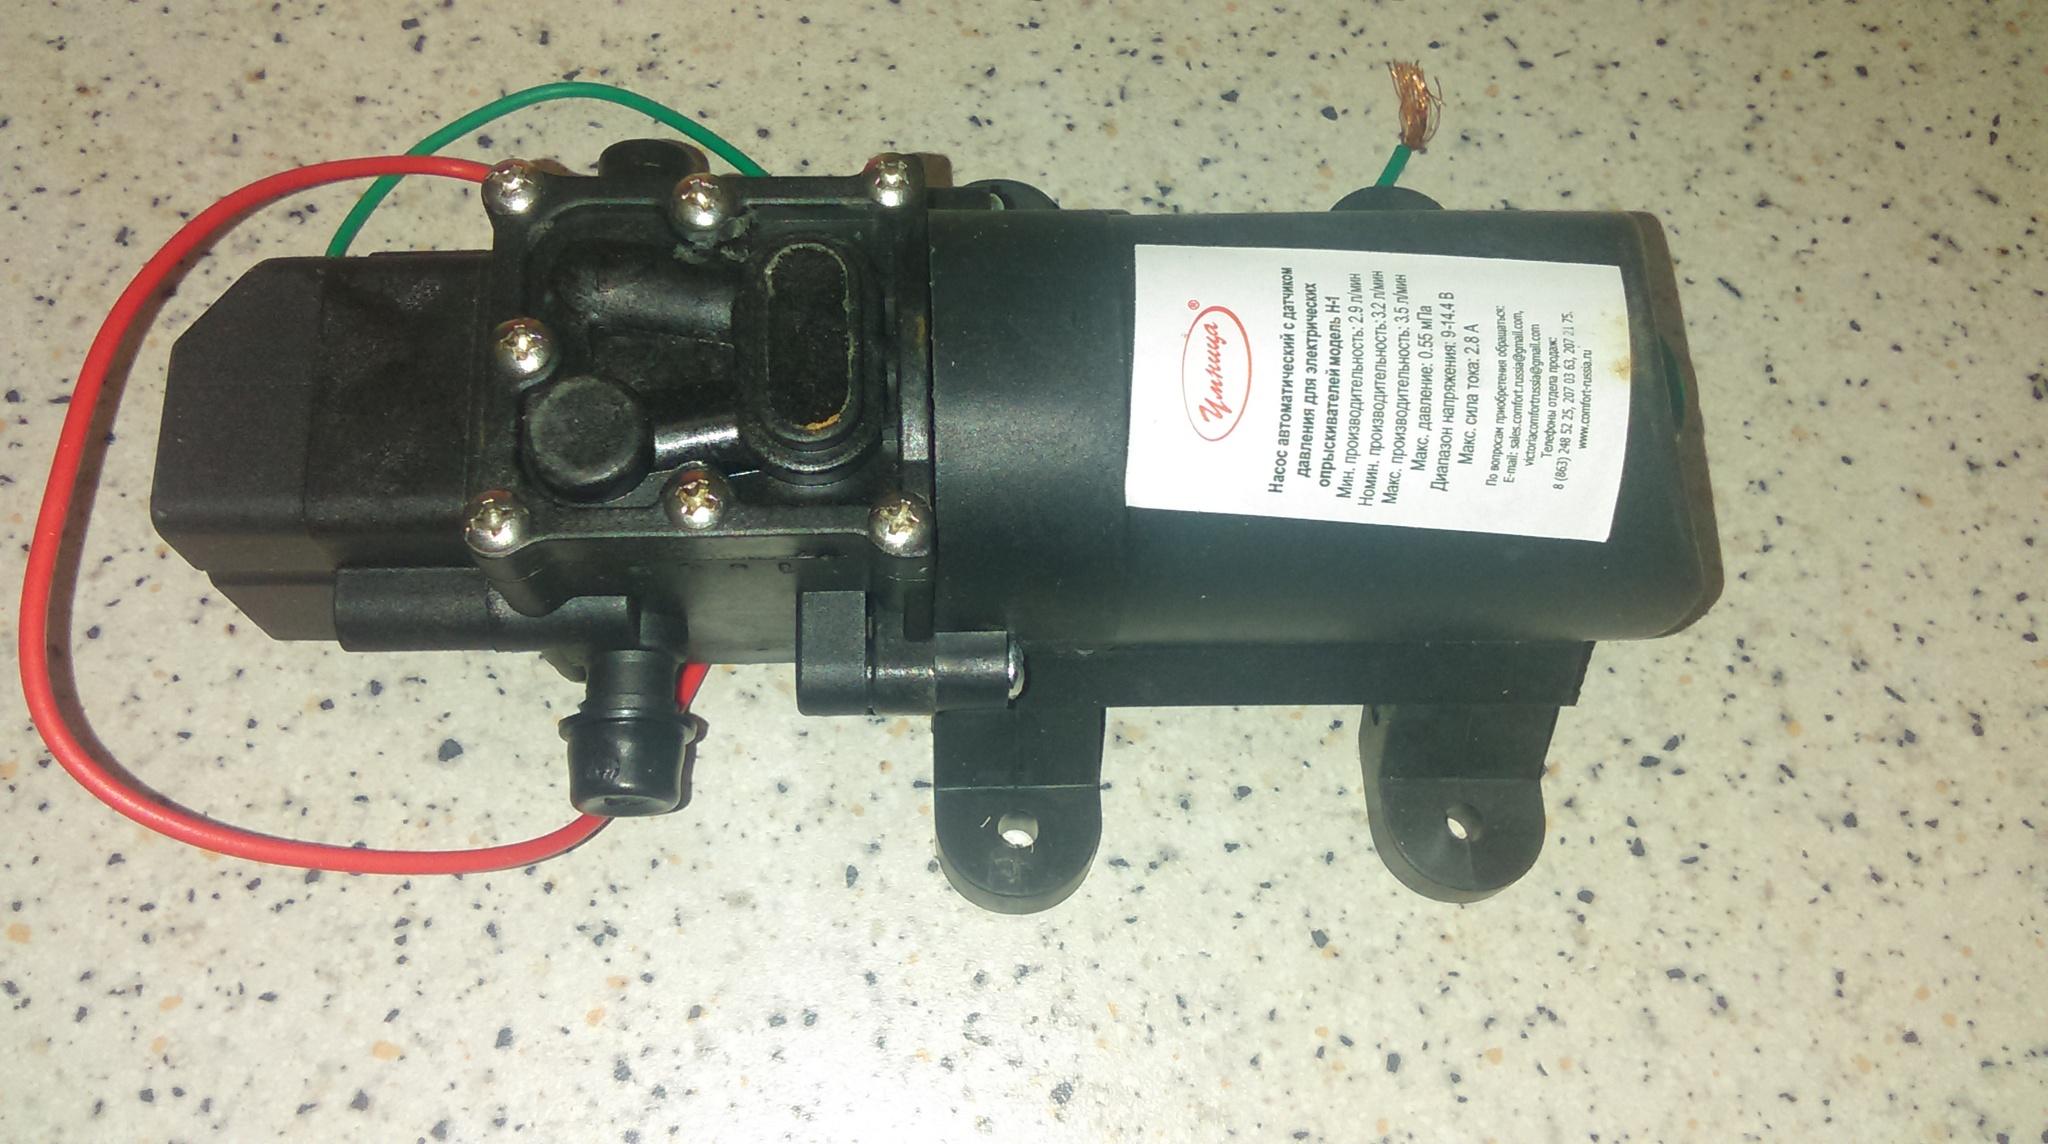 Насос автоматический с датчиком давления модели Н-1 для опрыскивателей Комфорт (Умница) ОЭМР-16 и ОЭЛ-16